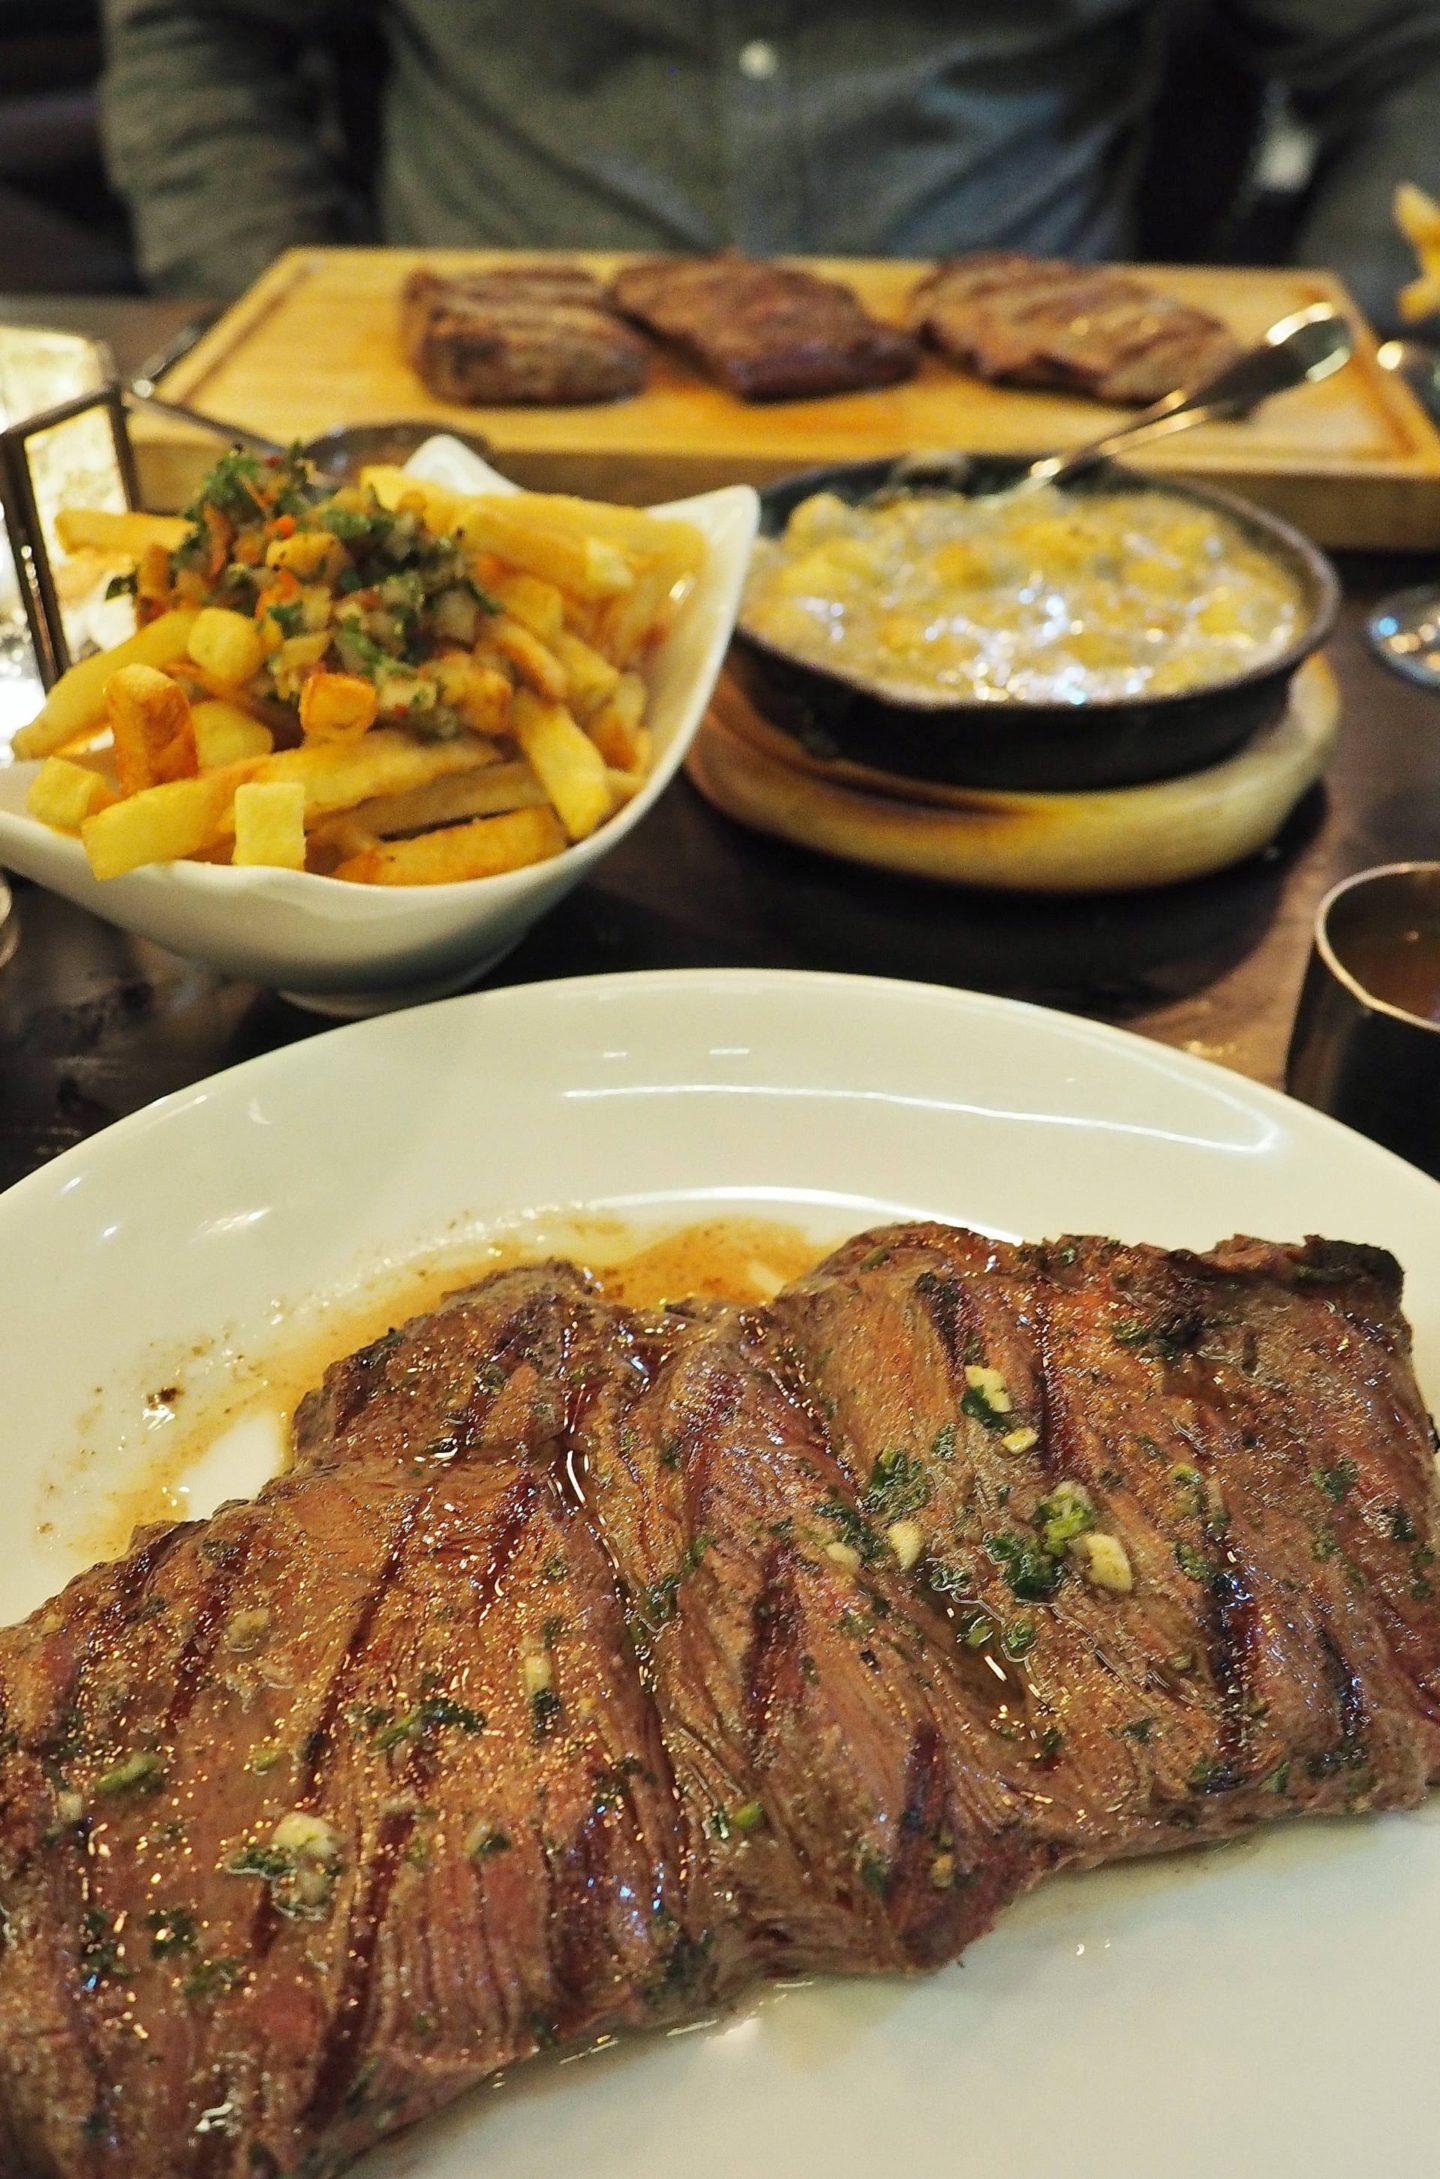 Emma Victoria Stokes Gaucho Birmingham Argentinian Steak Restaurant Churrasco De Lomo Chorizo Steak